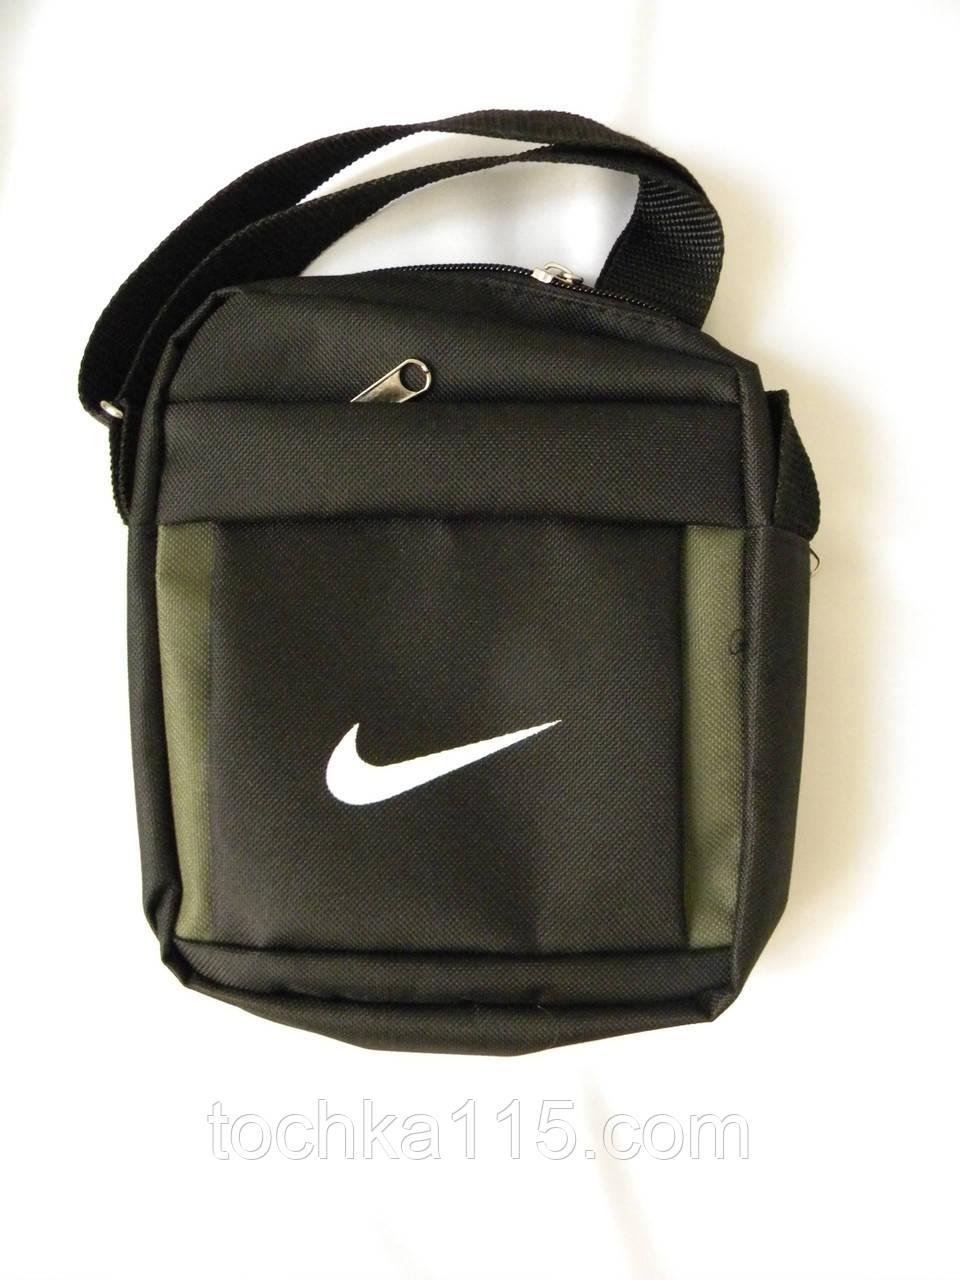 0e27c0127679 Мужская сумка через плече Nike, чоловiчi сумки Найк, молодежная сумка через  плече, сумка